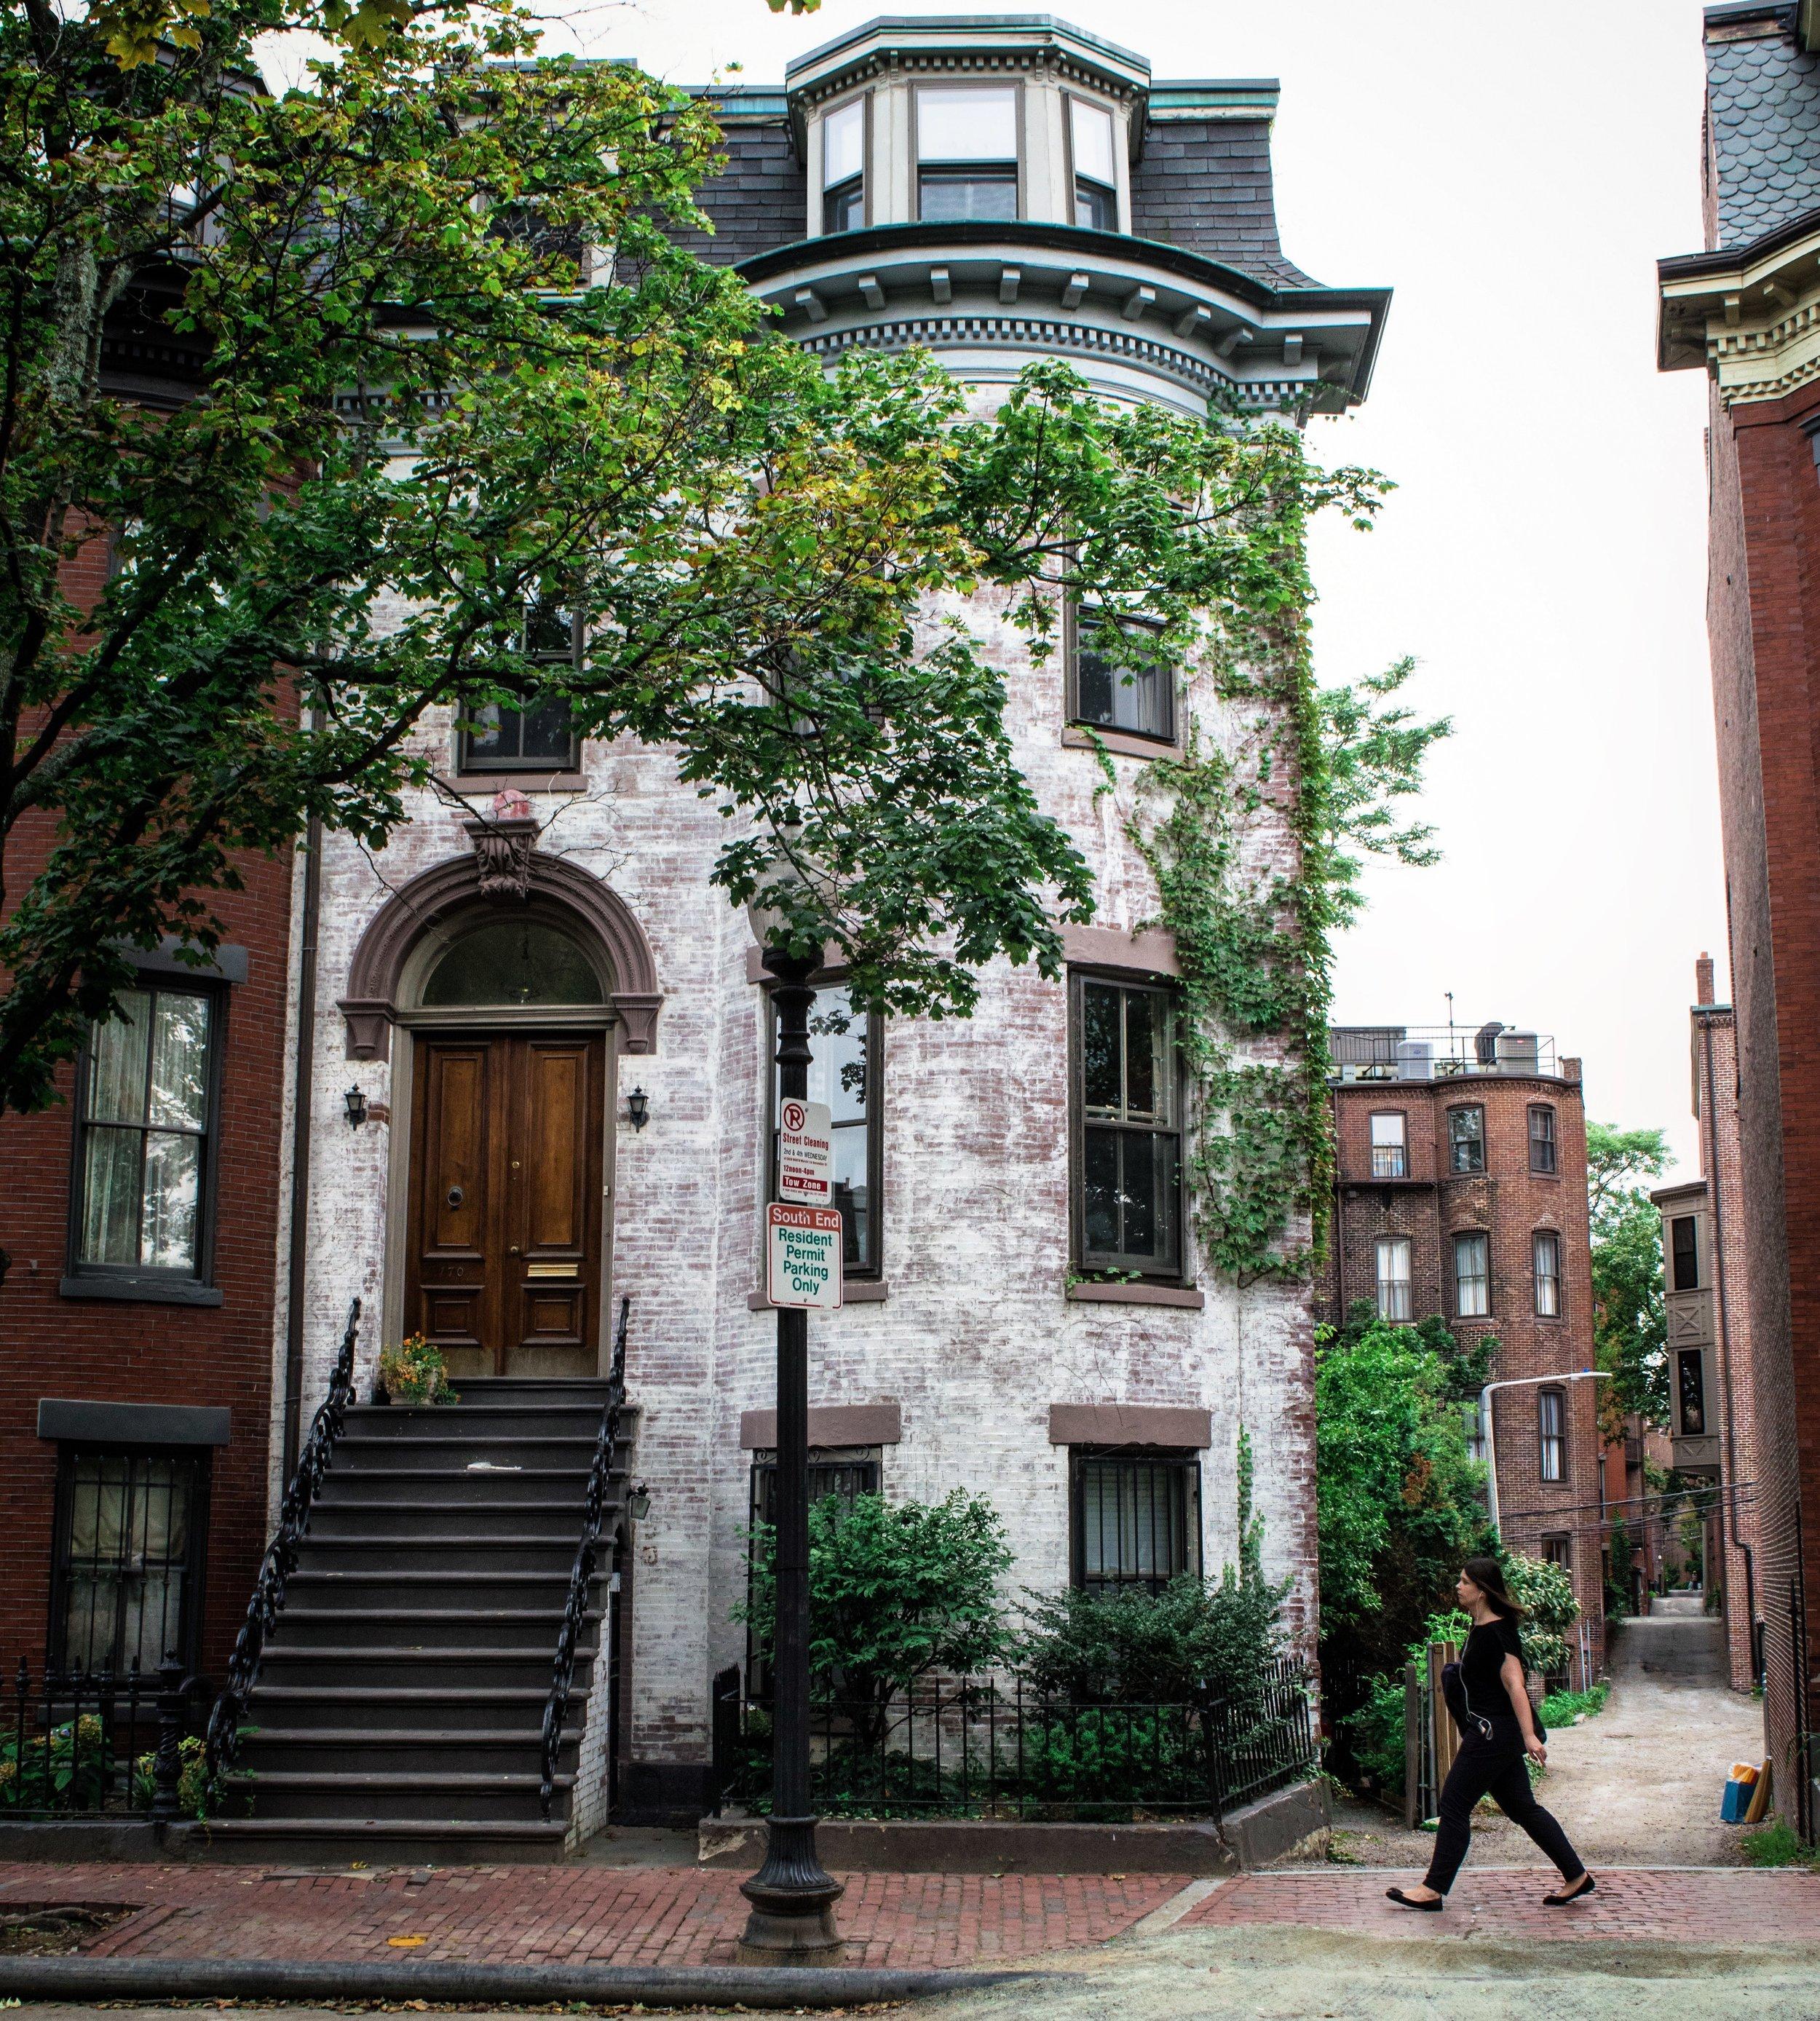 @boston_ian - South End, Boston, MA